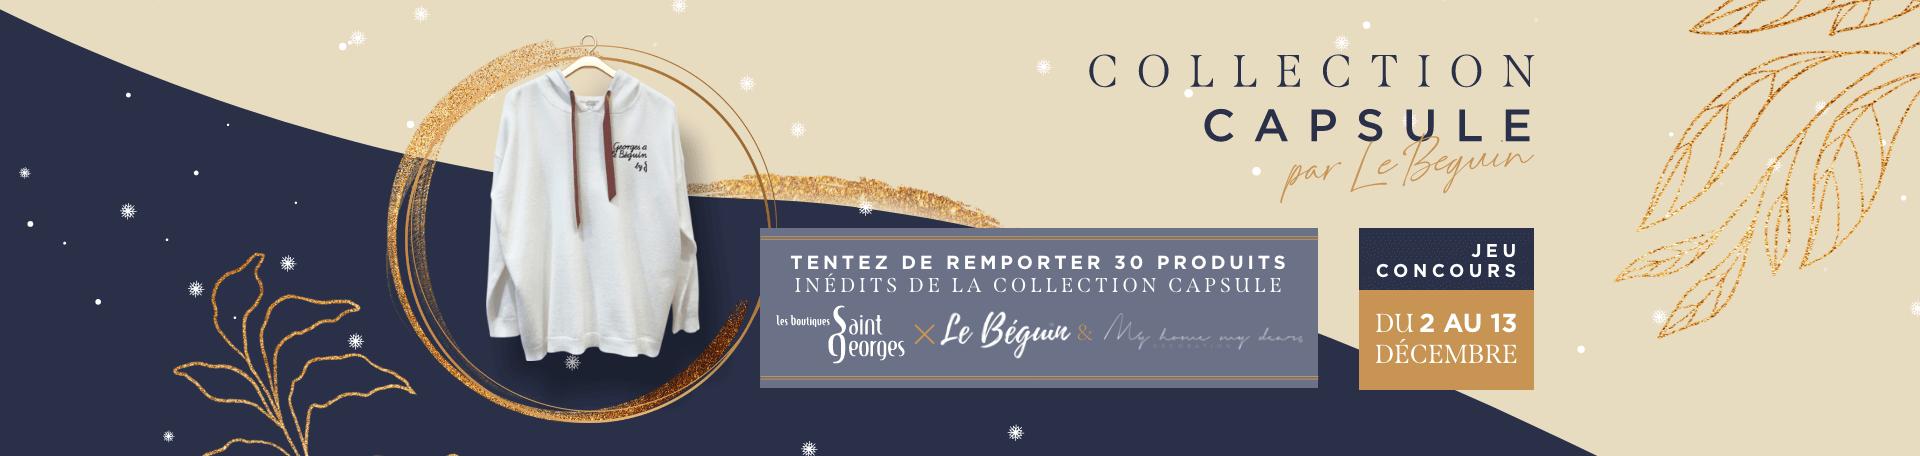 Jeu concours : Georges a Le Béguin